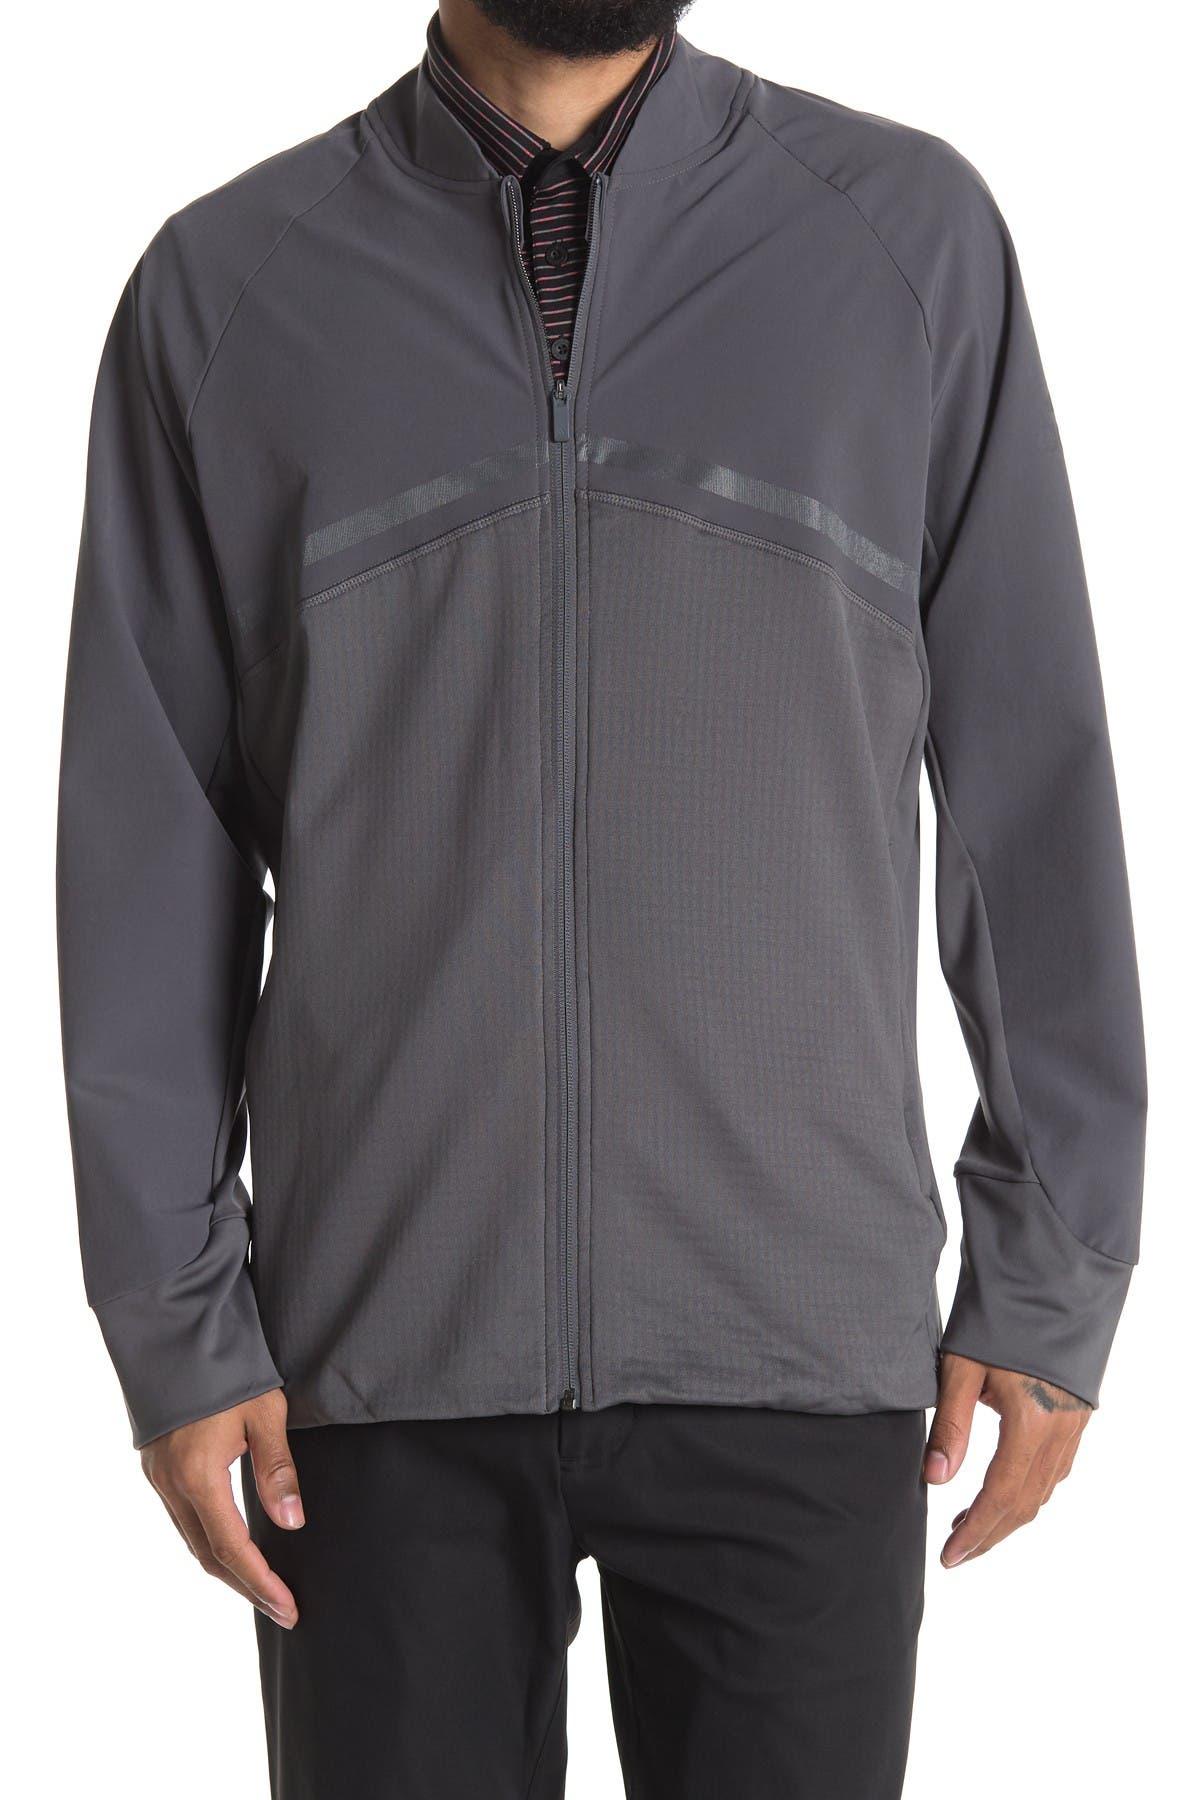 Image of Adidas Golf Hybrid Full Zip Jacket